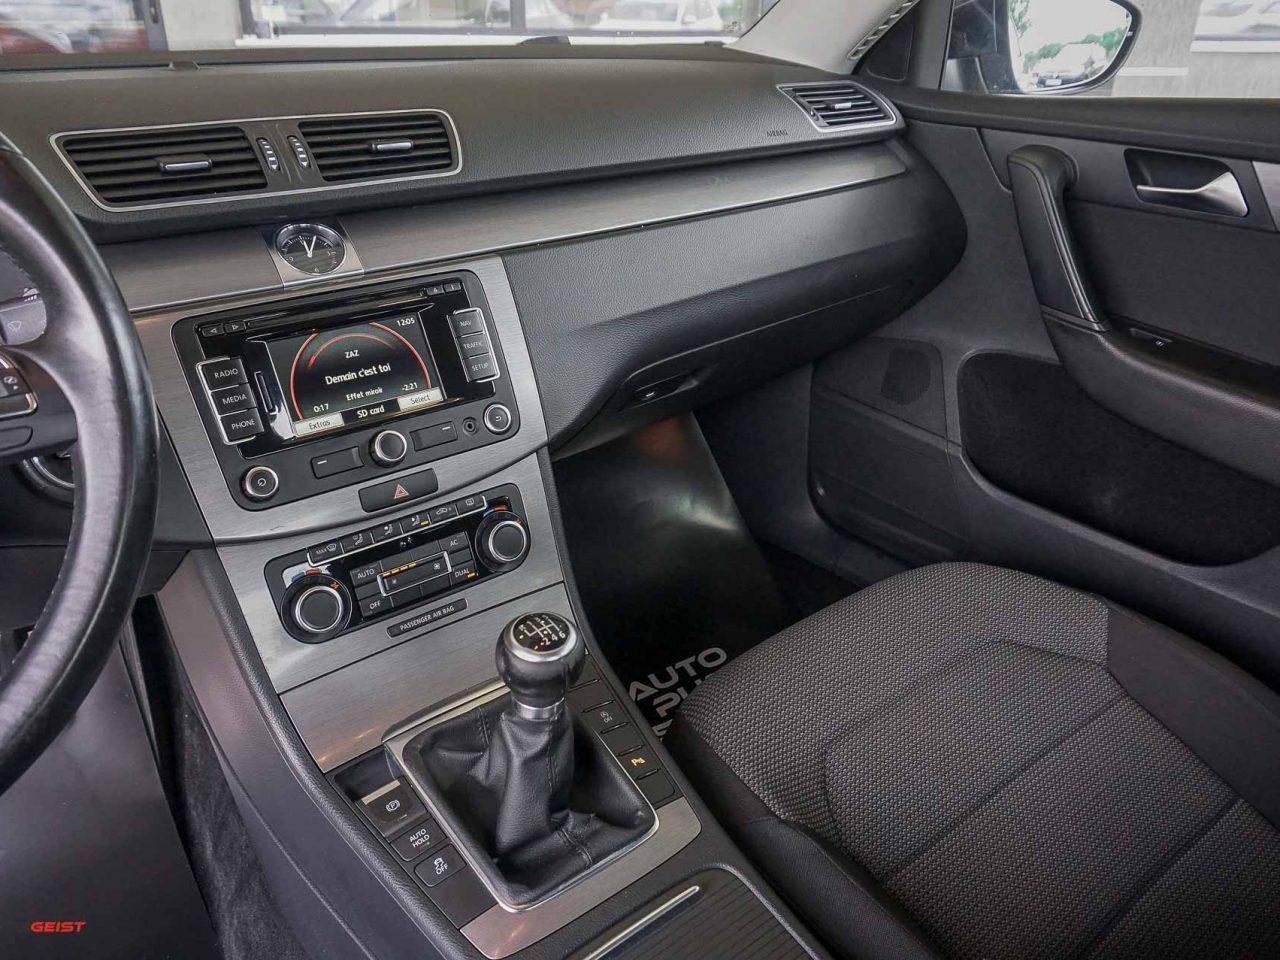 volkswagen-passat-b7-berlin-manual-00156